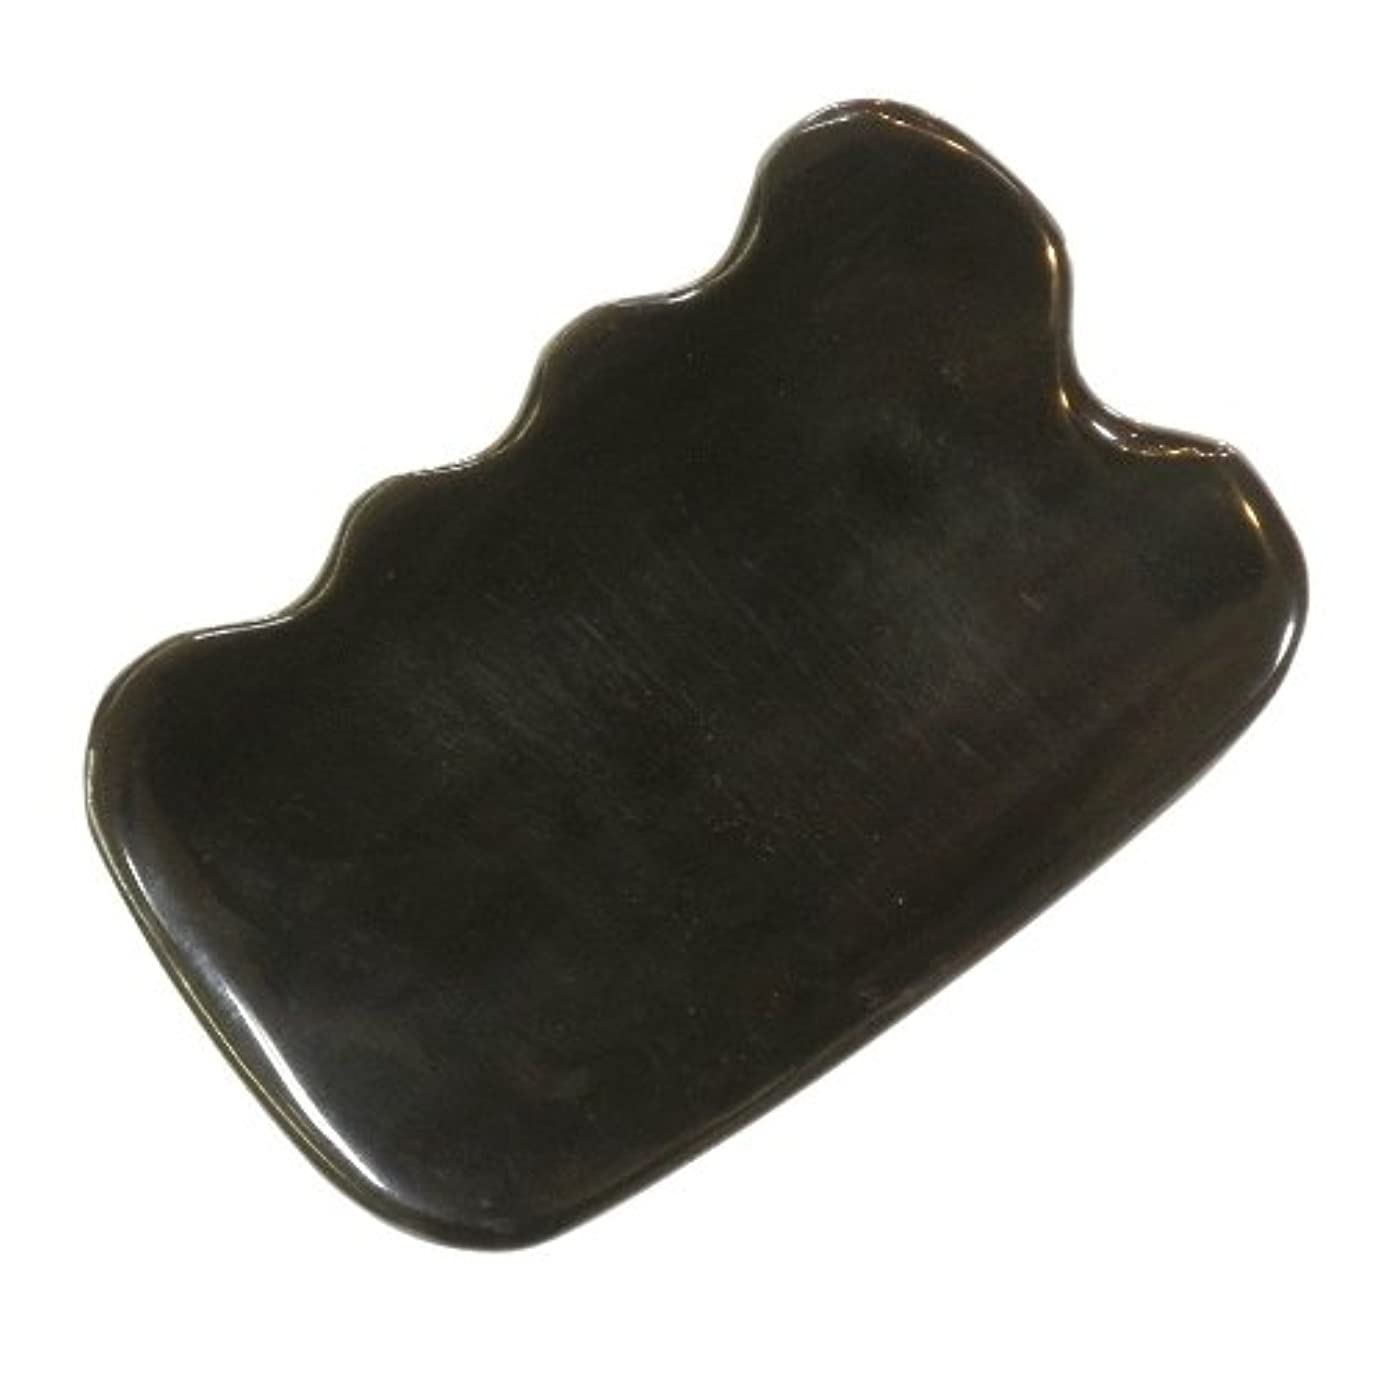 私たちのものミット便利さかっさ プレート 厚さが選べる ヤクの角(水牛の角) EHE272SP 四角波大 特級品 標準(6ミリ程度)